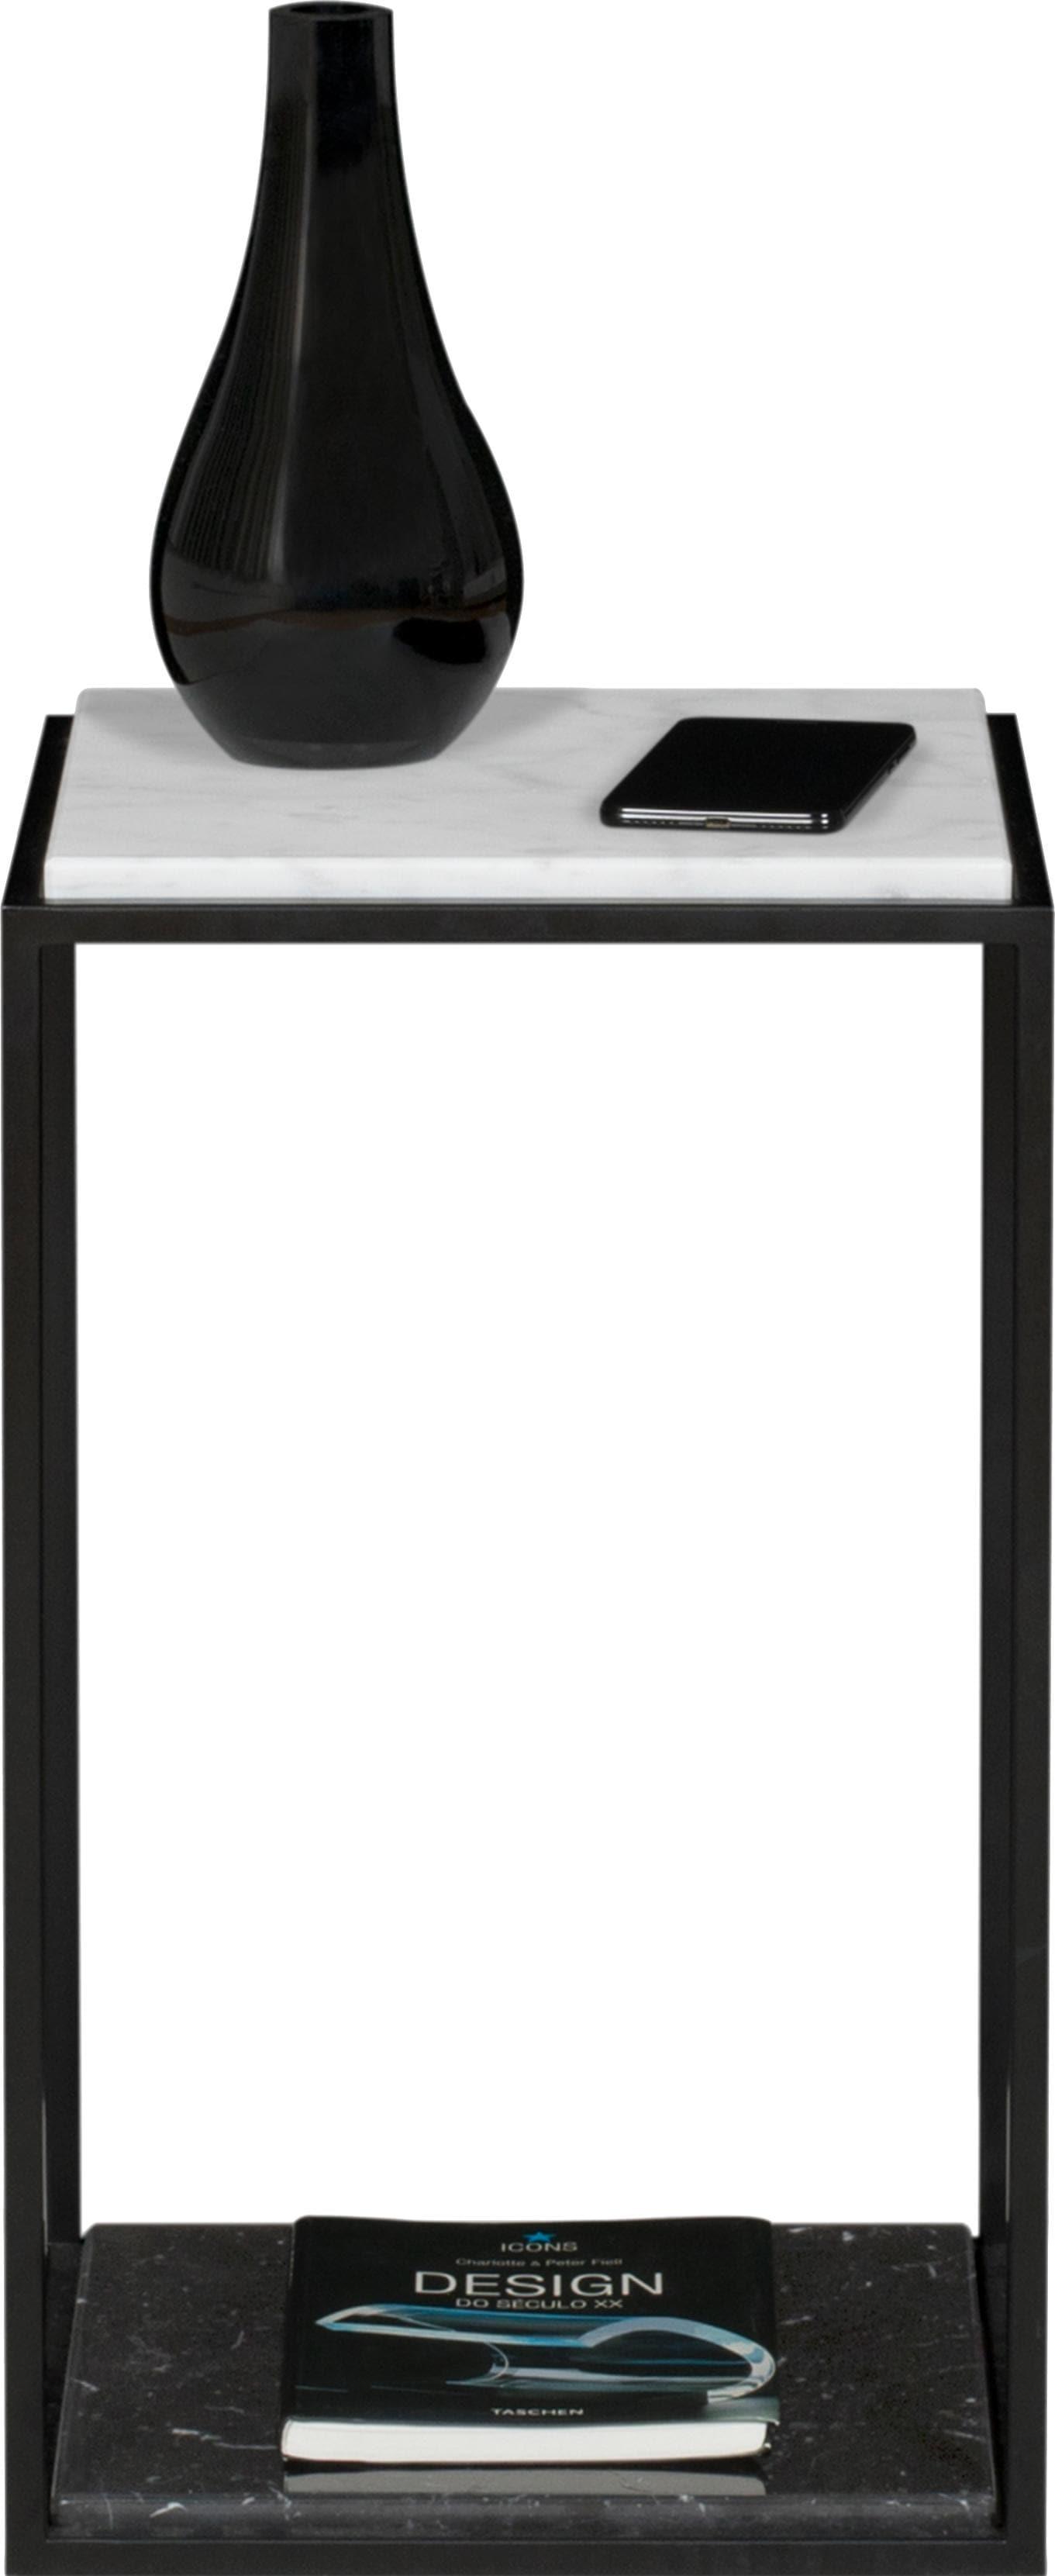 TemaHome Nachttisch Forrest mit 2 Marquina Marmorplatten & Metallgestell schwarz Breite 30 cm   Schlafzimmer > Nachttische   Schwarz - Weiß   Temahome